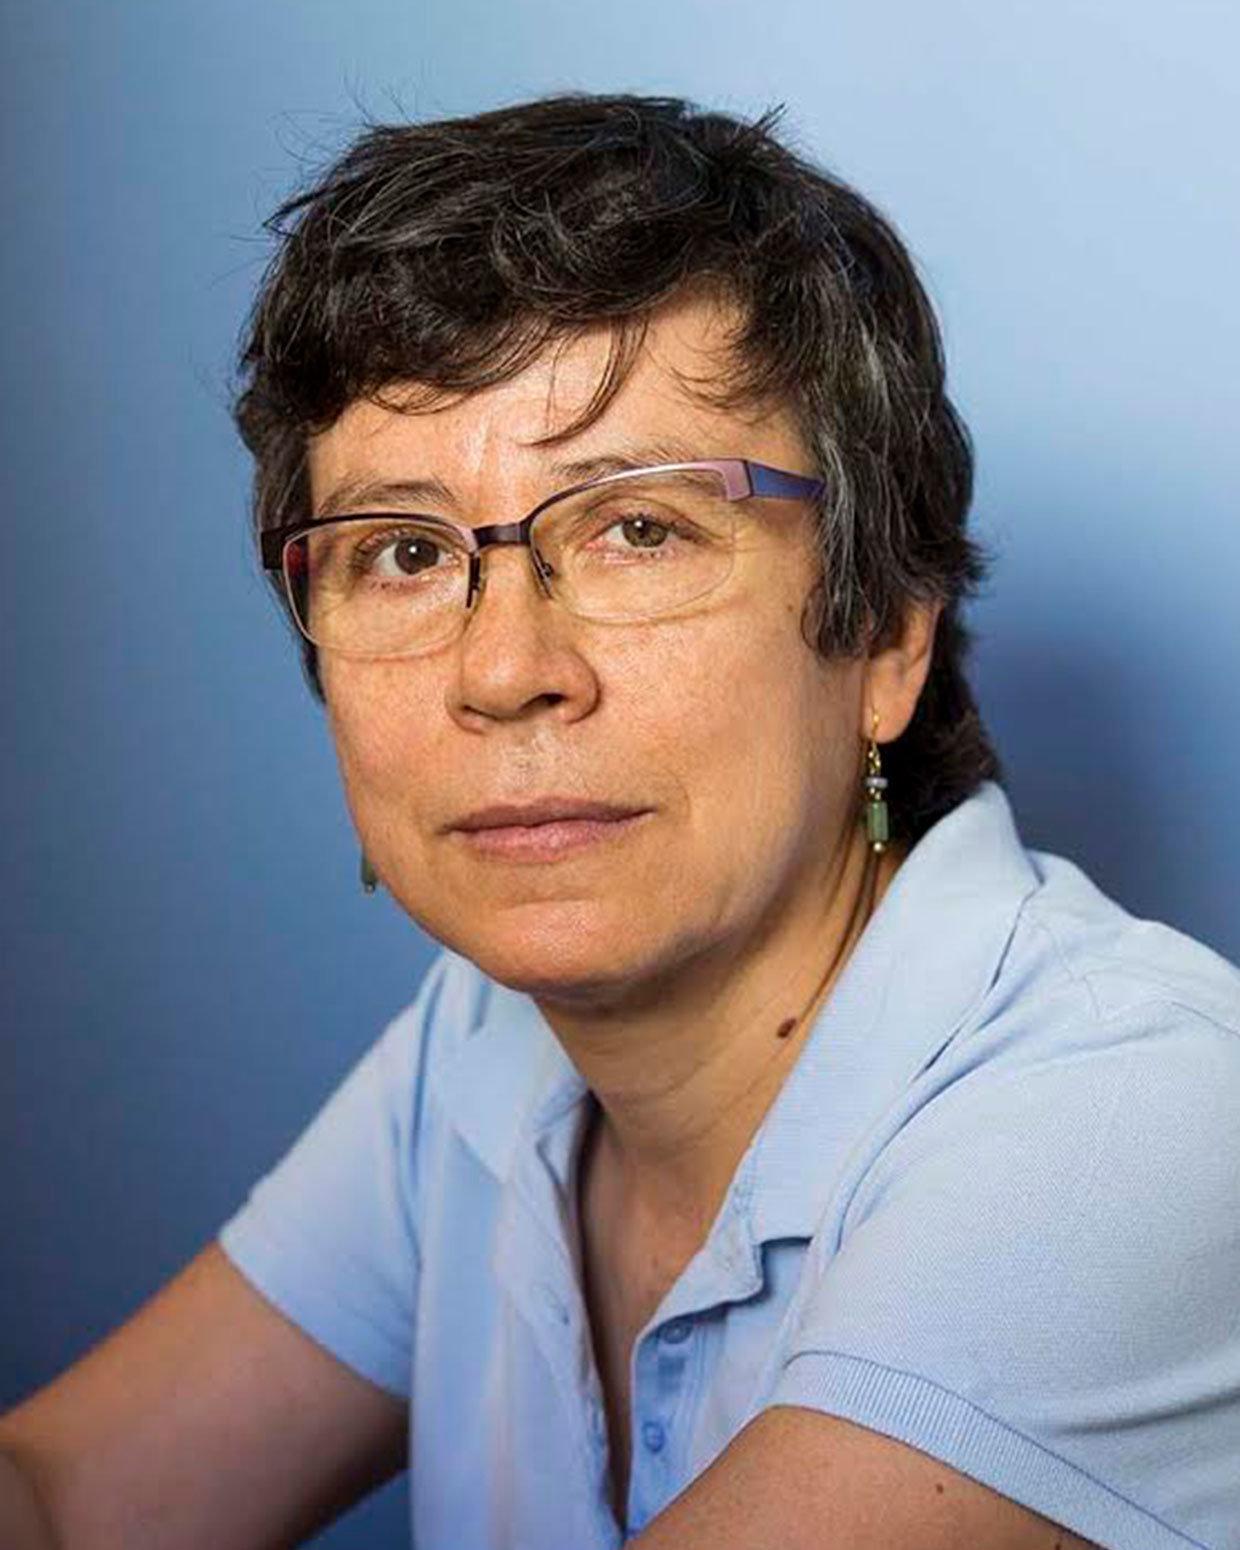 La periodista y escritora colombiana Marbel Sandoval Ordóñez. / Fotografía de Lisbeth